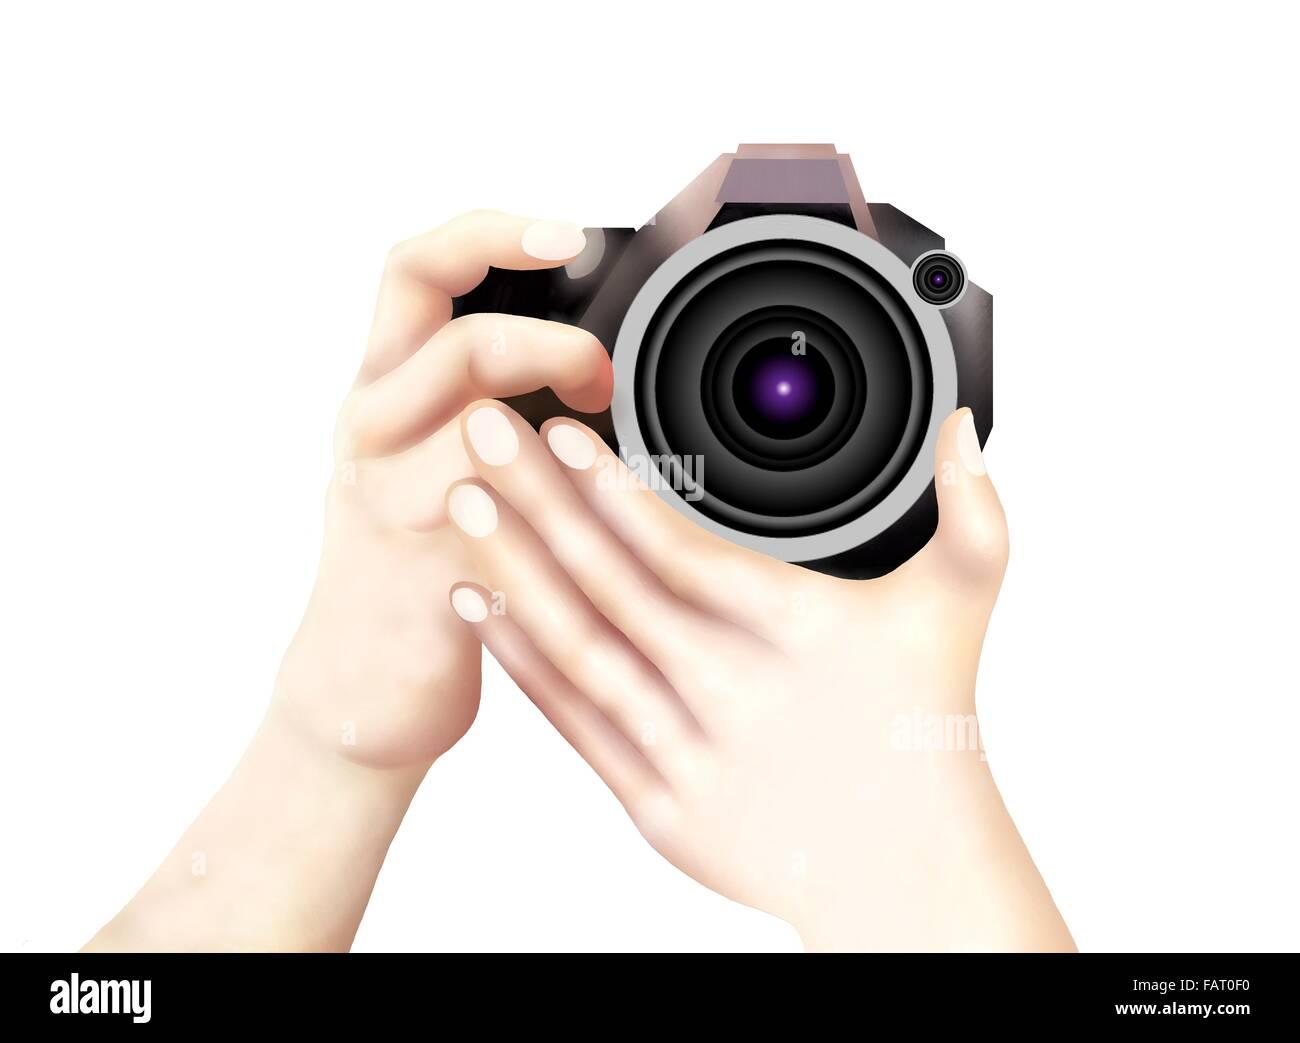 Dibujo De La Mano Del Fotógrafo Profesional Tomando Fotos Con Una Cámara Dslr Fotografía De Stock Alamy